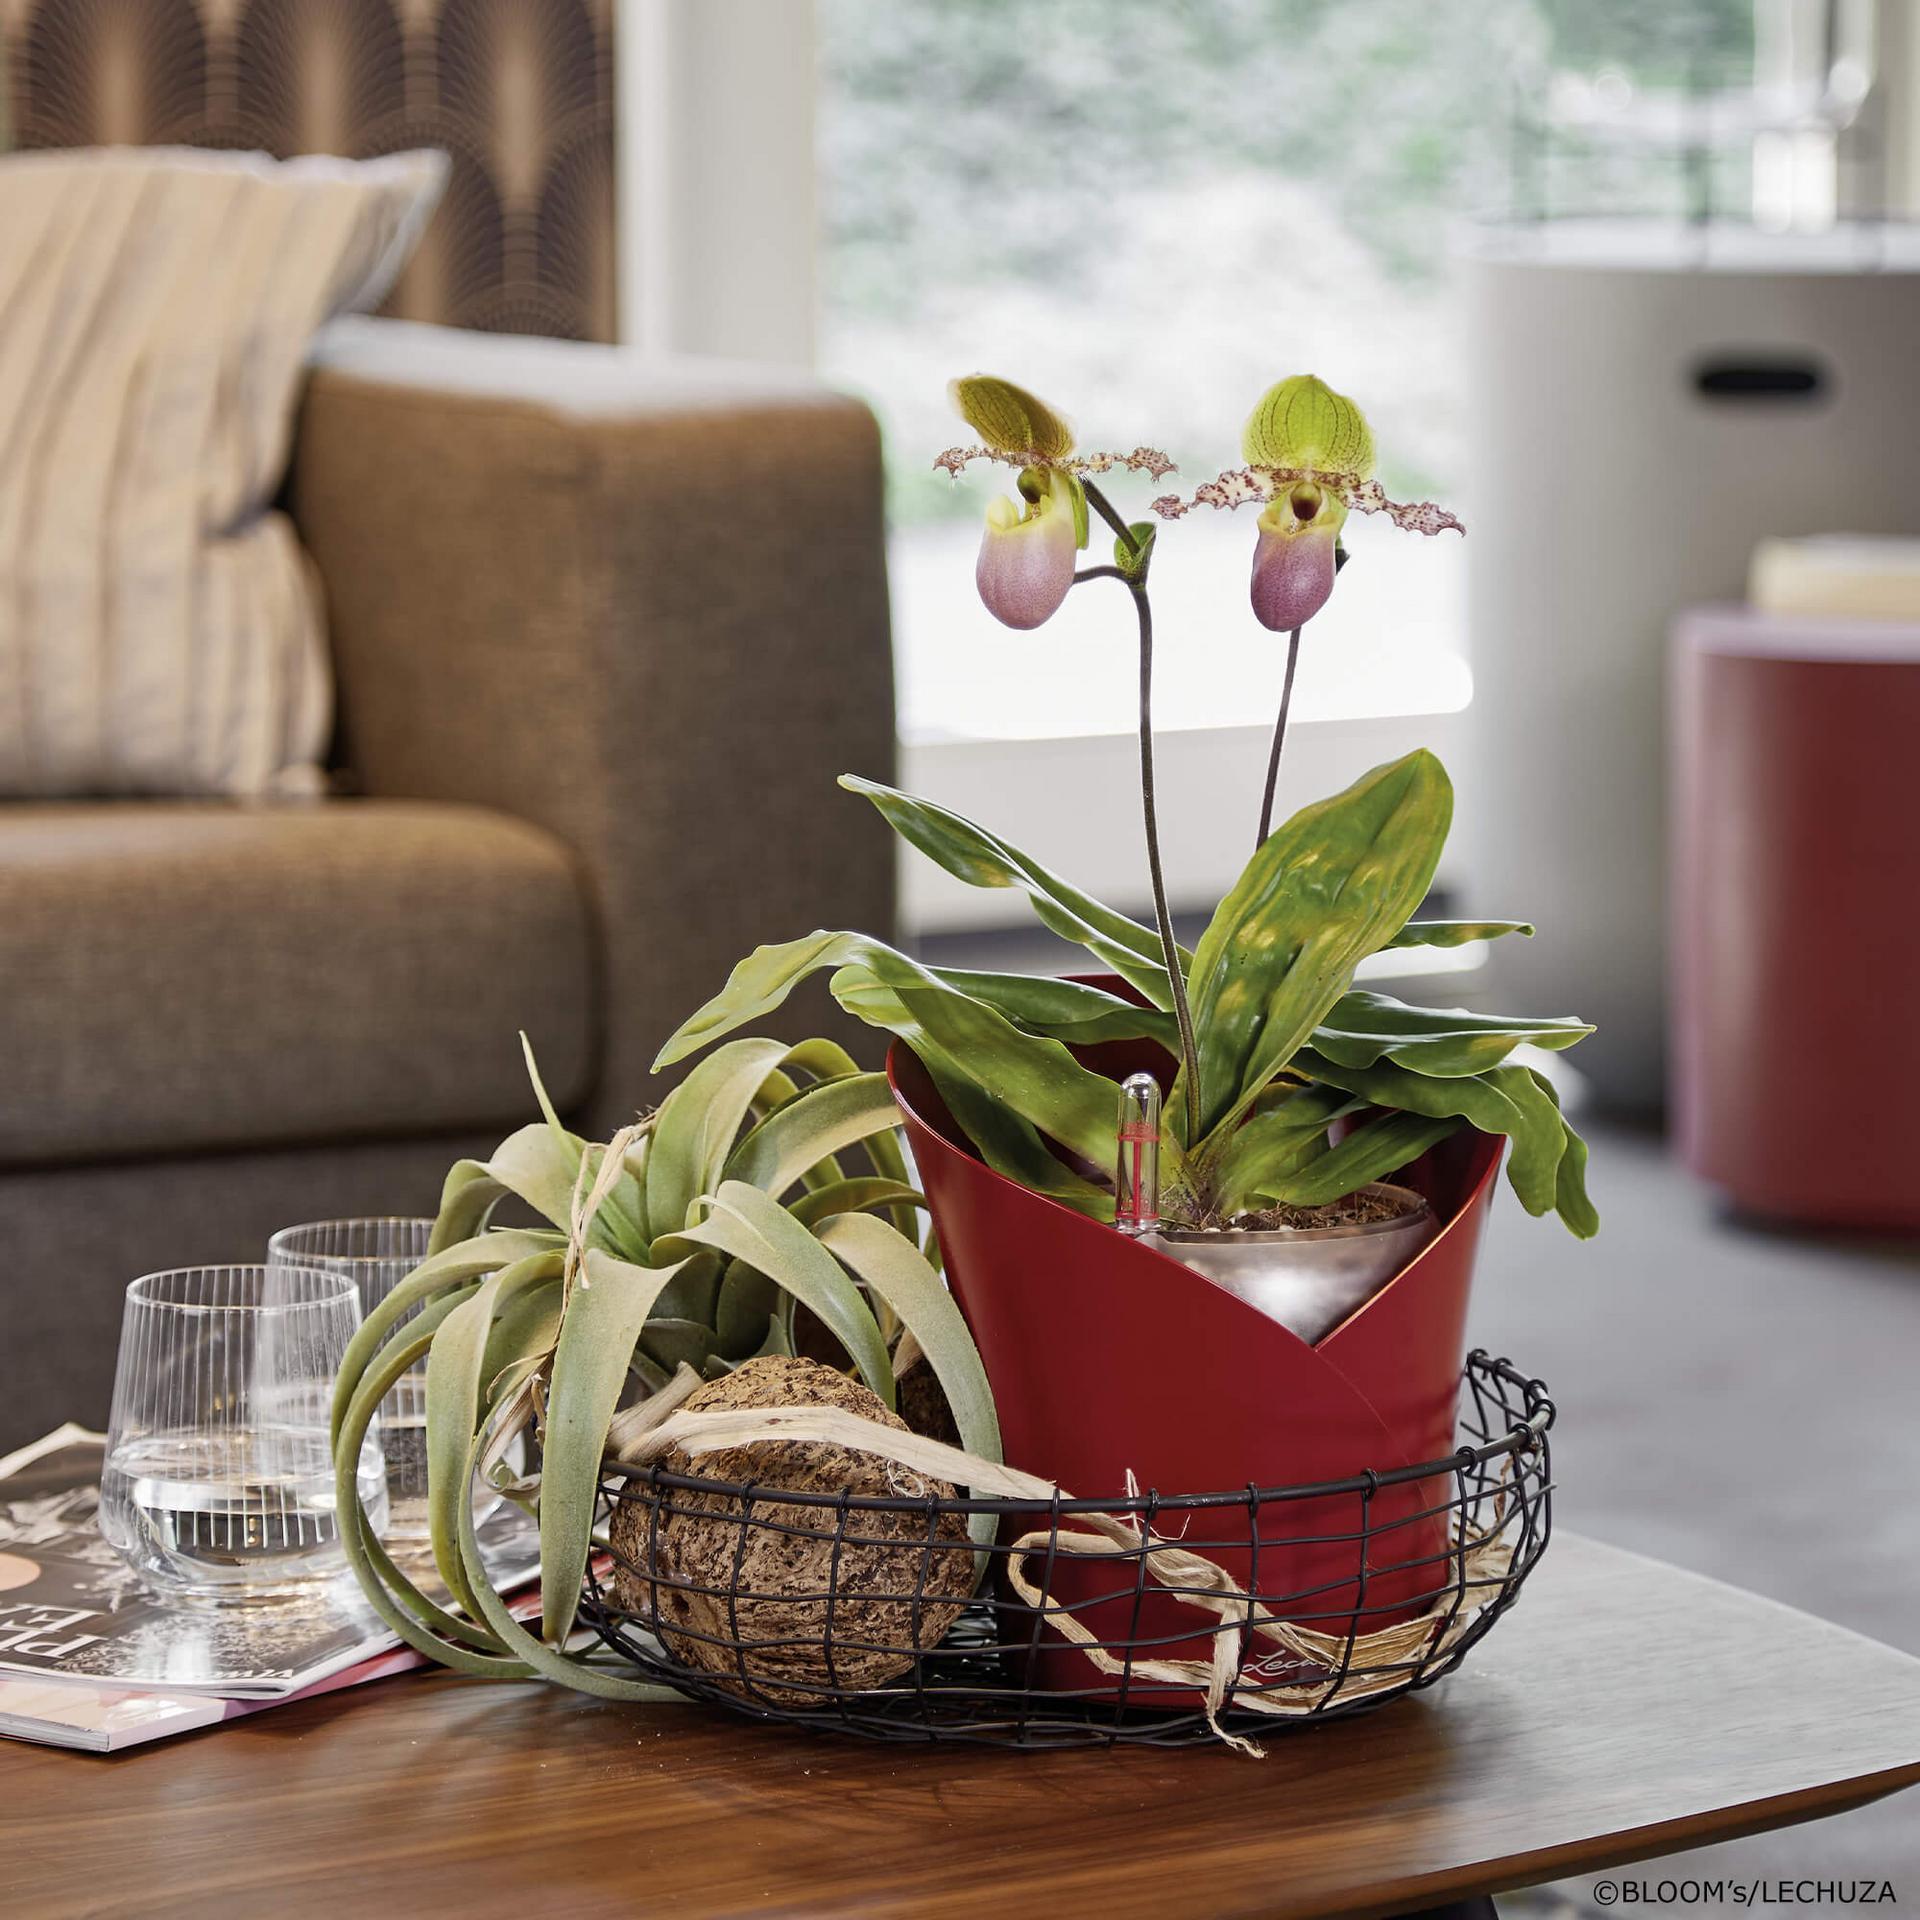 le_orchidea_product_addi_05